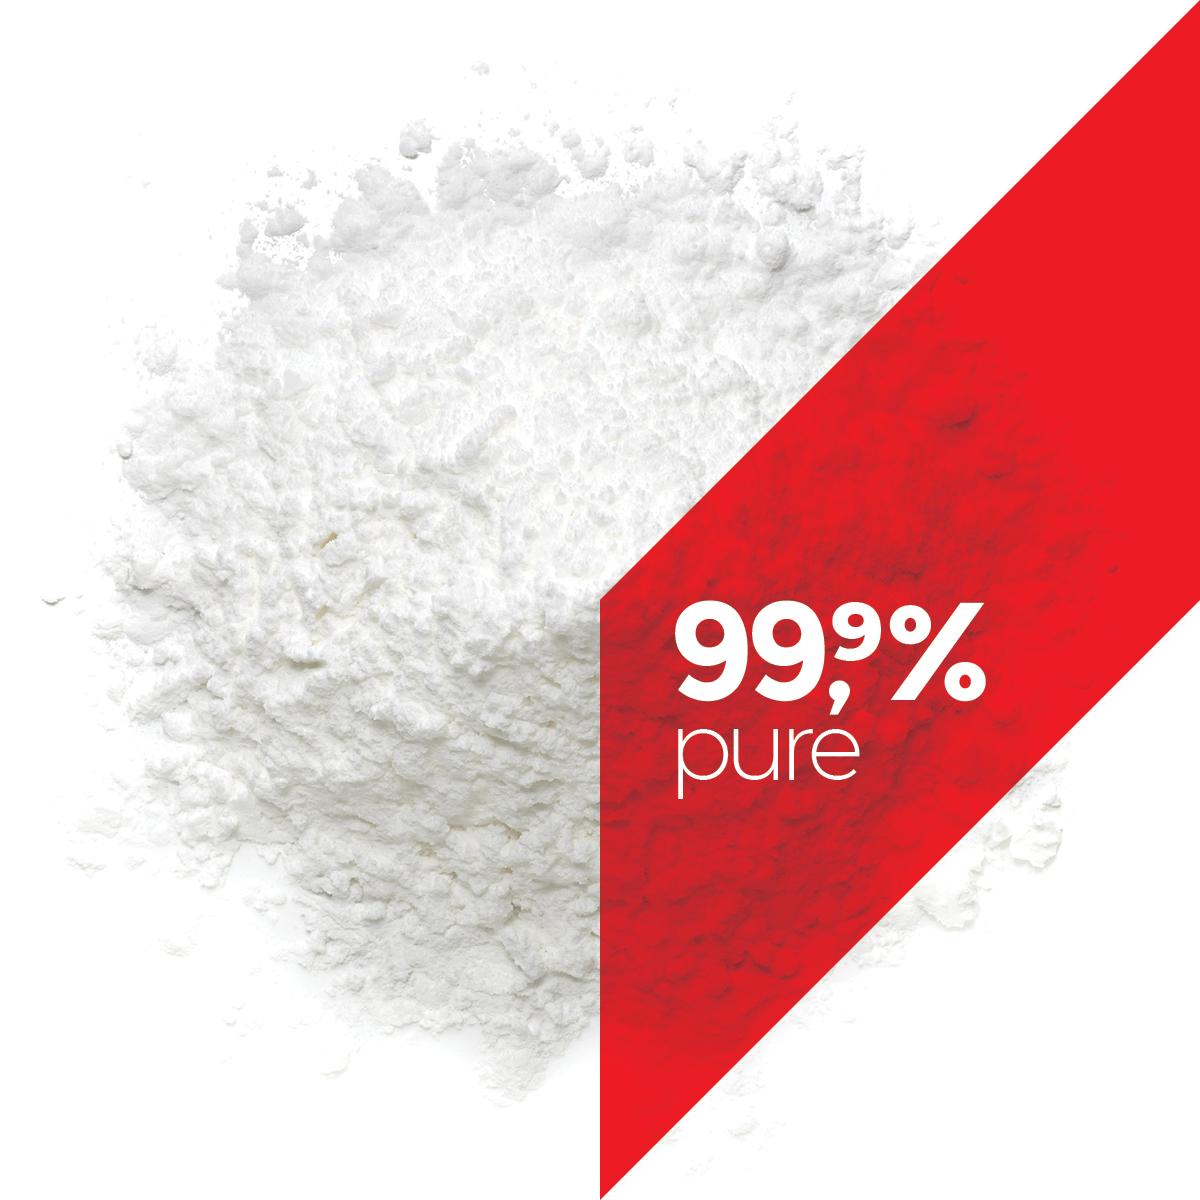 99,9% pure CBD